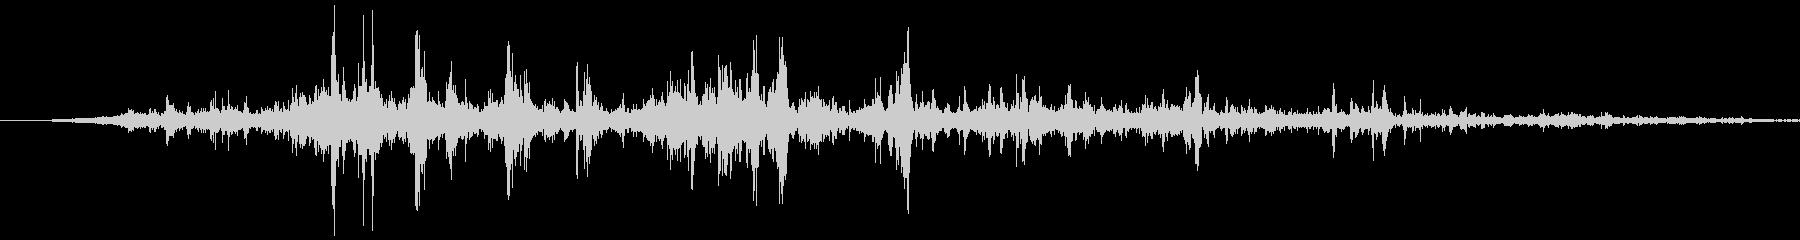 ゴロゴロ激しいゴロゴロ雷鳴ーの未再生の波形